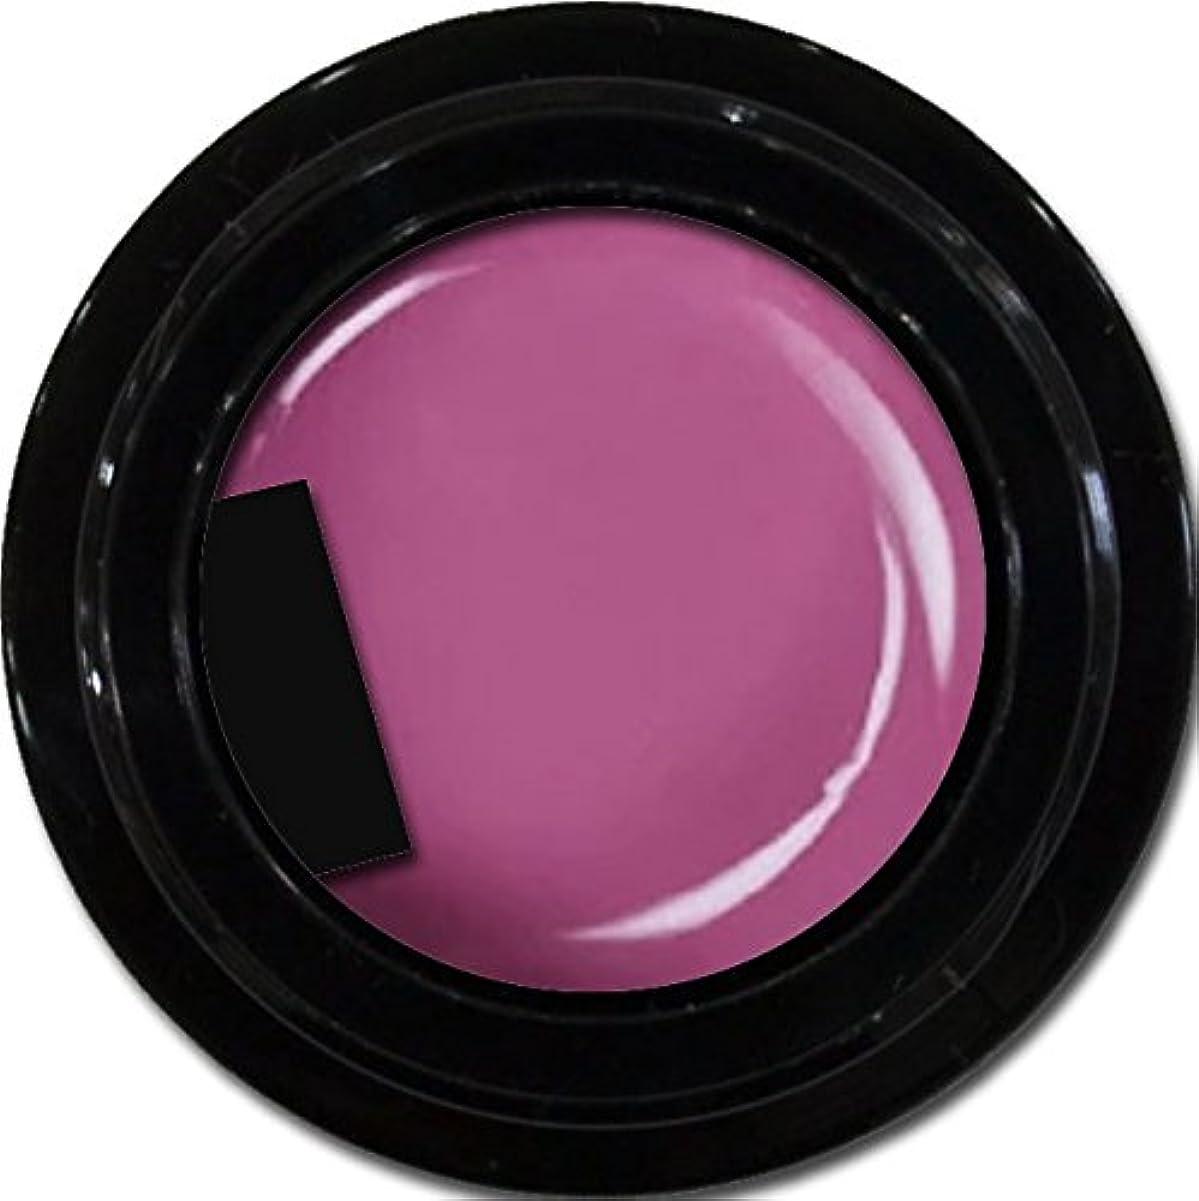 アパートキルトメンバーカラージェル enchant color gel M513 RubyViolet3g/ マットカラージェル M513ルビーヴァイオレット 3グラム